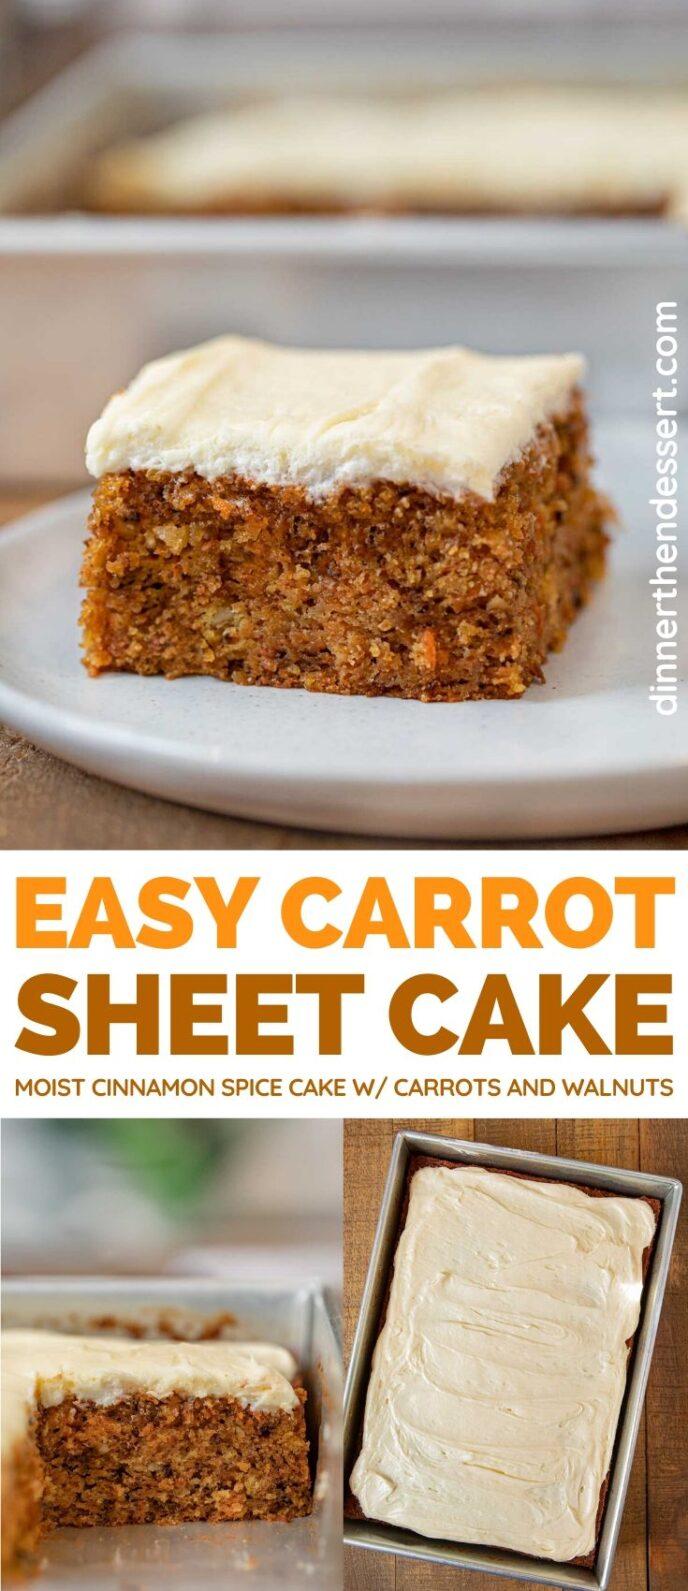 Carrot Sheet Cake collage